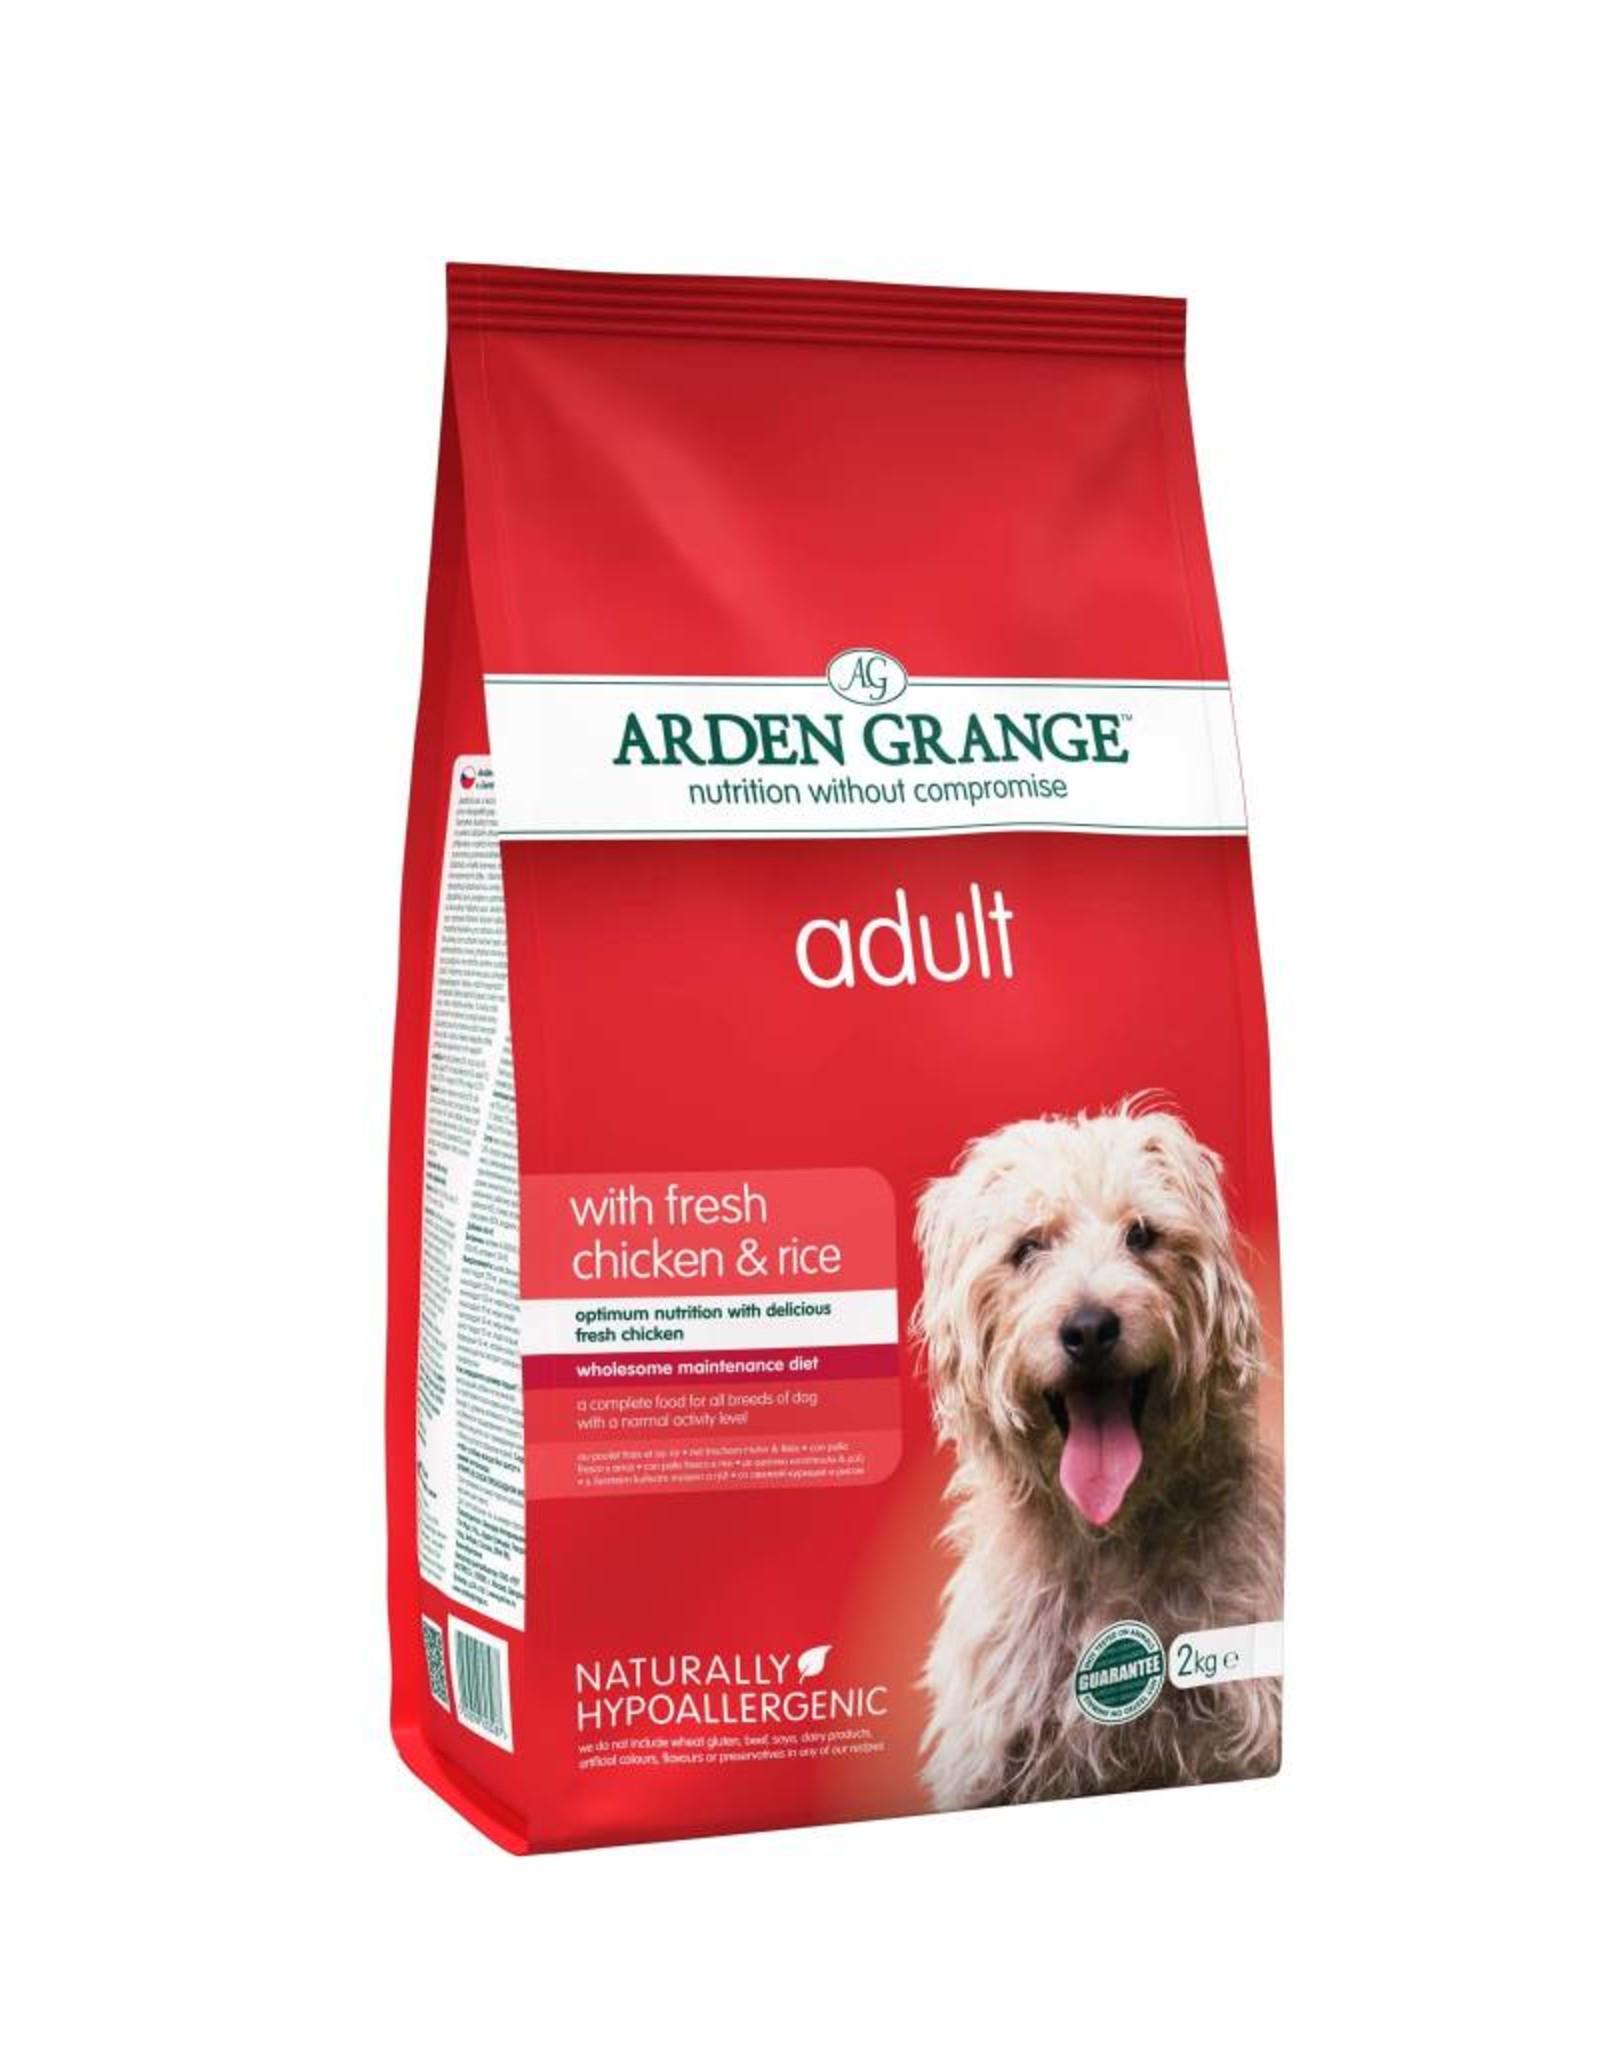 Arden Grange Adult Dog Dry Food, Chicken & Rice